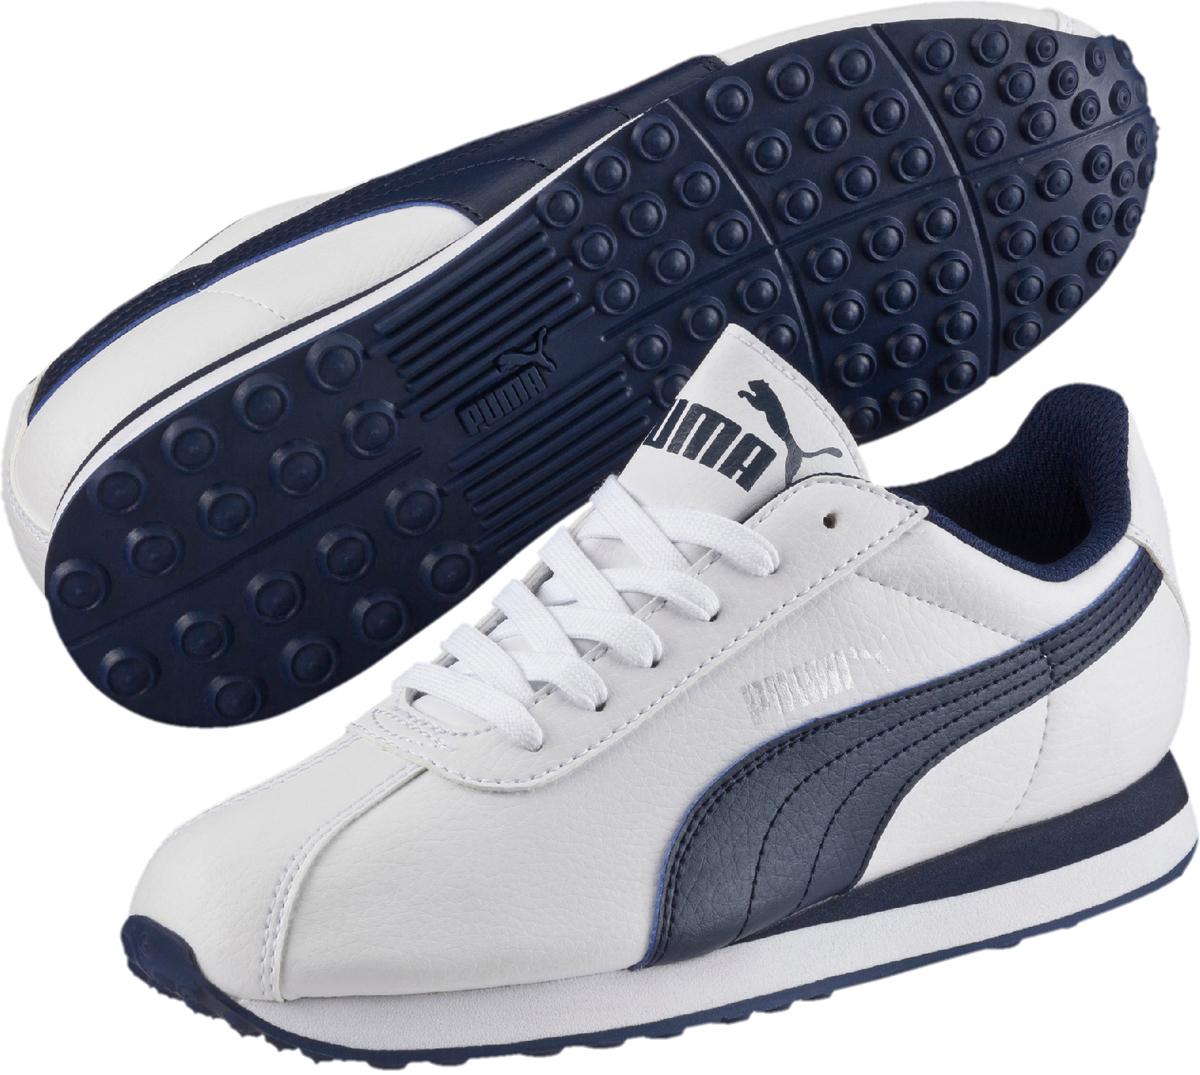 Кроссовки детские Puma Turin PS, цвет: белый, темно-синий. 36160002. Размер 12,5 (30,5)36160002Модель PUMA Turin стала классикой спортивного стиля, развивая дизайн, присущий традиционной футбольной обуви. Благодаря мягкой искусственной коже верха эти уличные кроссовки выглядят очень элегантно, а промежуточная подошва из ЭВА создает отличную амортизацию. Новый силуэт делает модель особенно актуальной в этом сезоне, превращая её в лучший выбор стильной обуви на каждый день. Классическая шнуровка обеспечивает надежную фиксацию обуви на ноге ребенка. Подкладка выполнена из текстиля, что предотвращает натирание и гарантирует уют. Резиновая подошва с рифлением обеспечивает идеальное сцепление с любыми поверхностями.